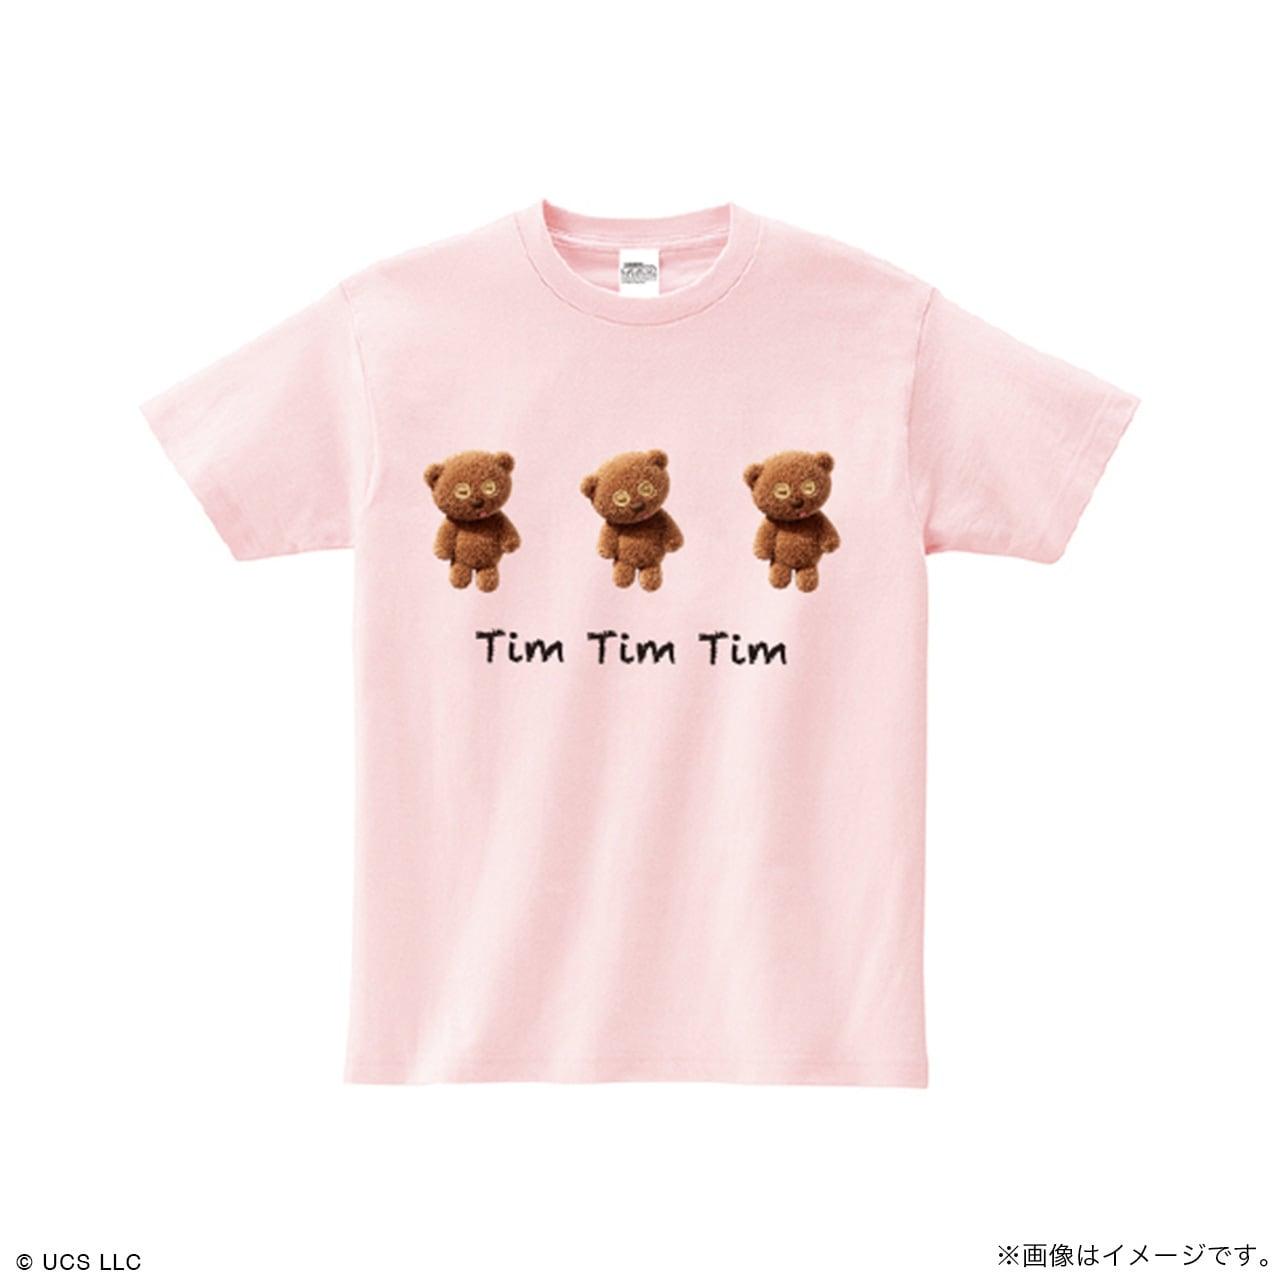 キッズTシャツ/ミニオン(Tim Tim Tim ピンク)【MINIONS POP UP STORE 限定】